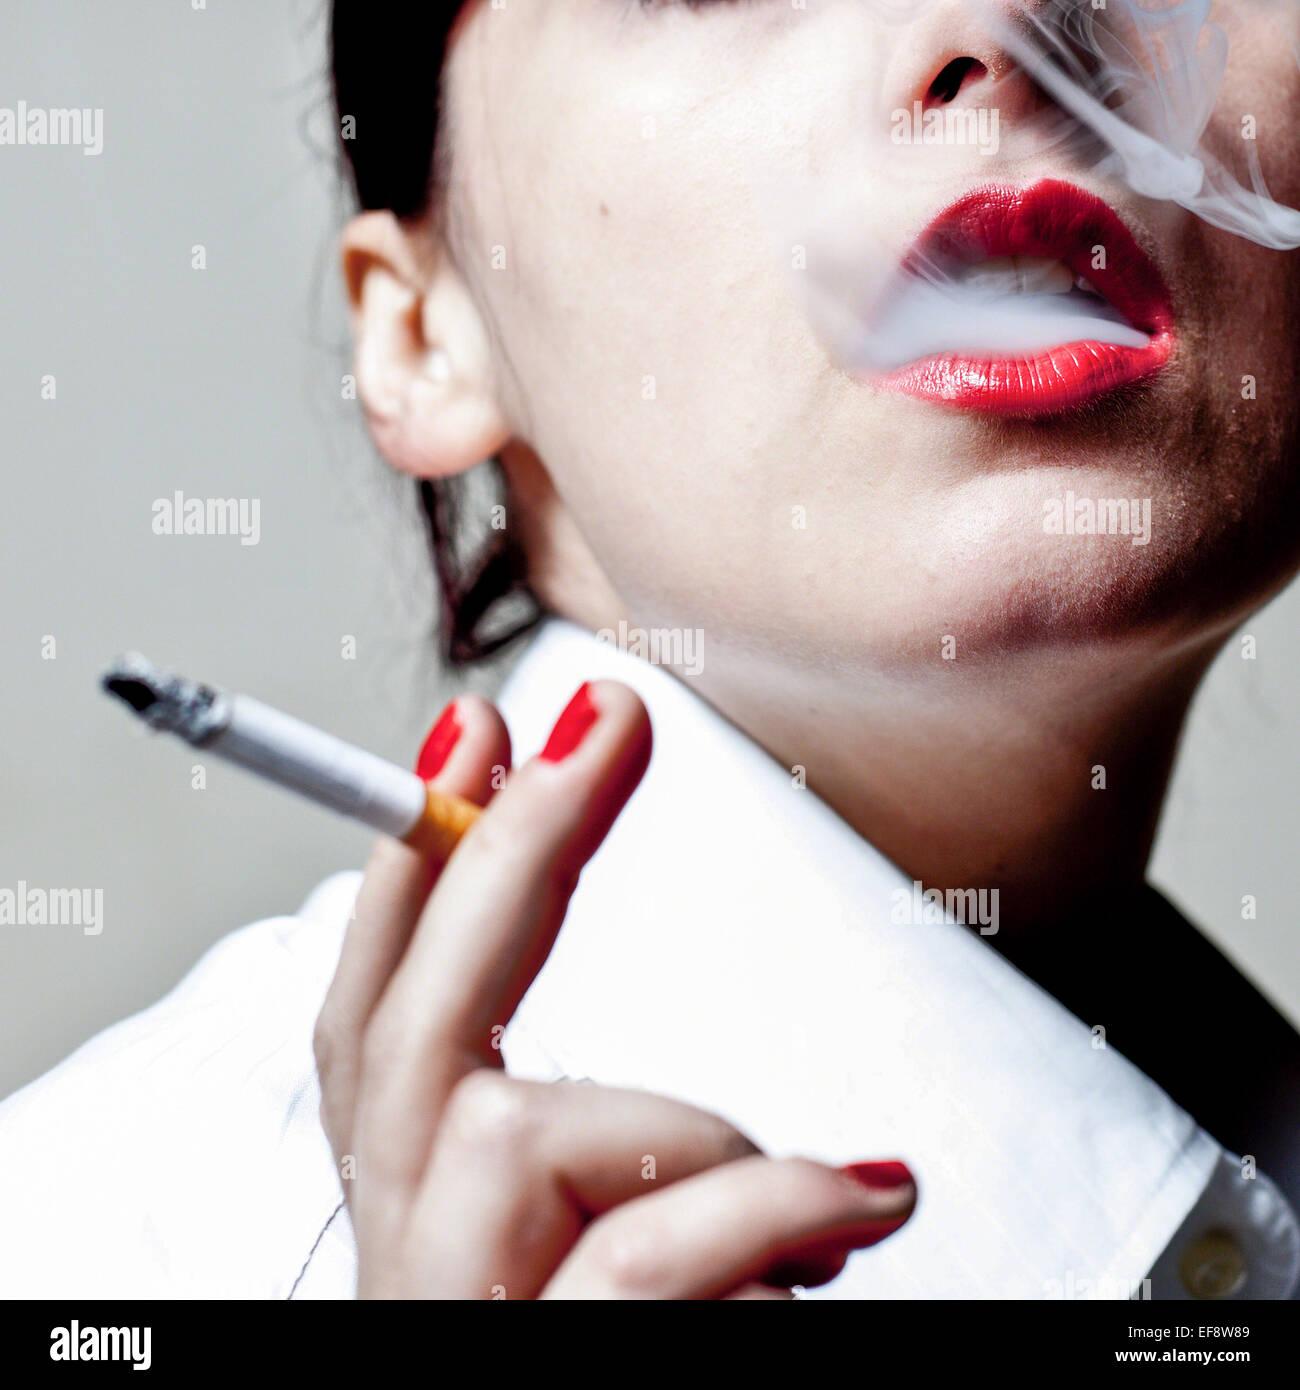 Frau Rauchen Zigarette Stockbild